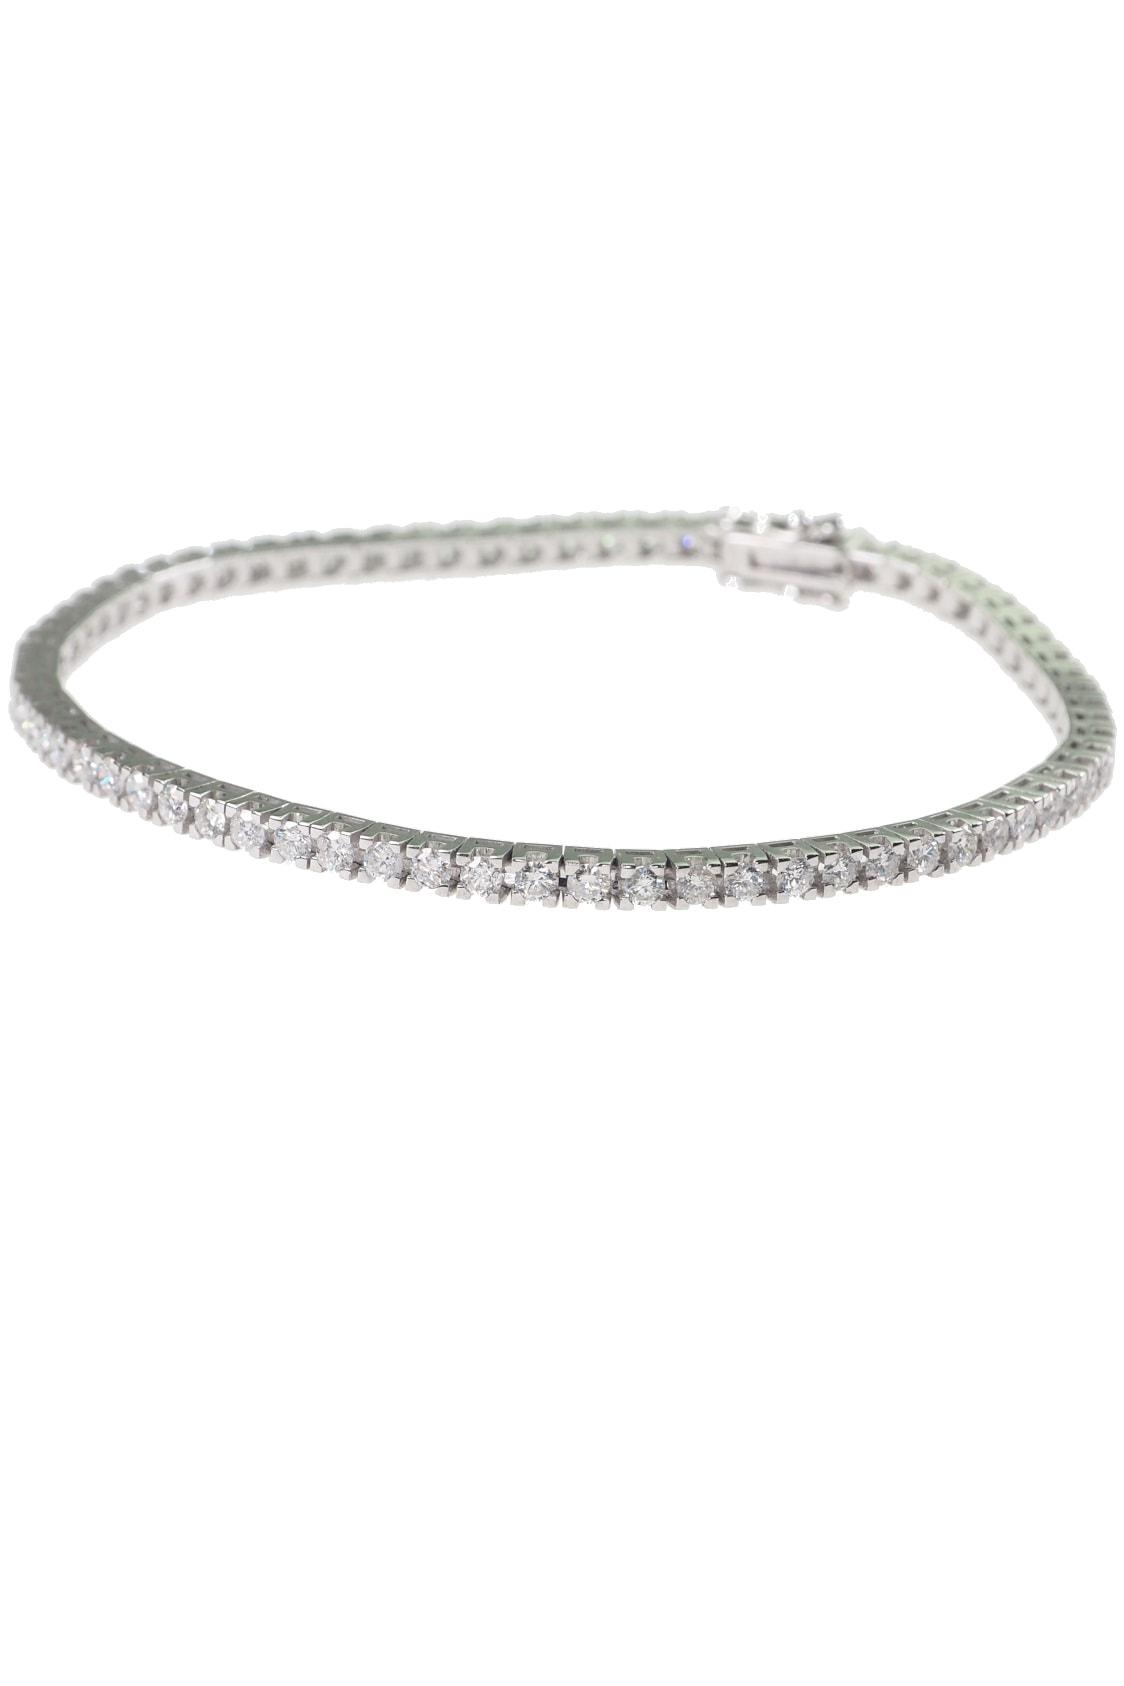 Tennisarmband-online-kaufen-1045c